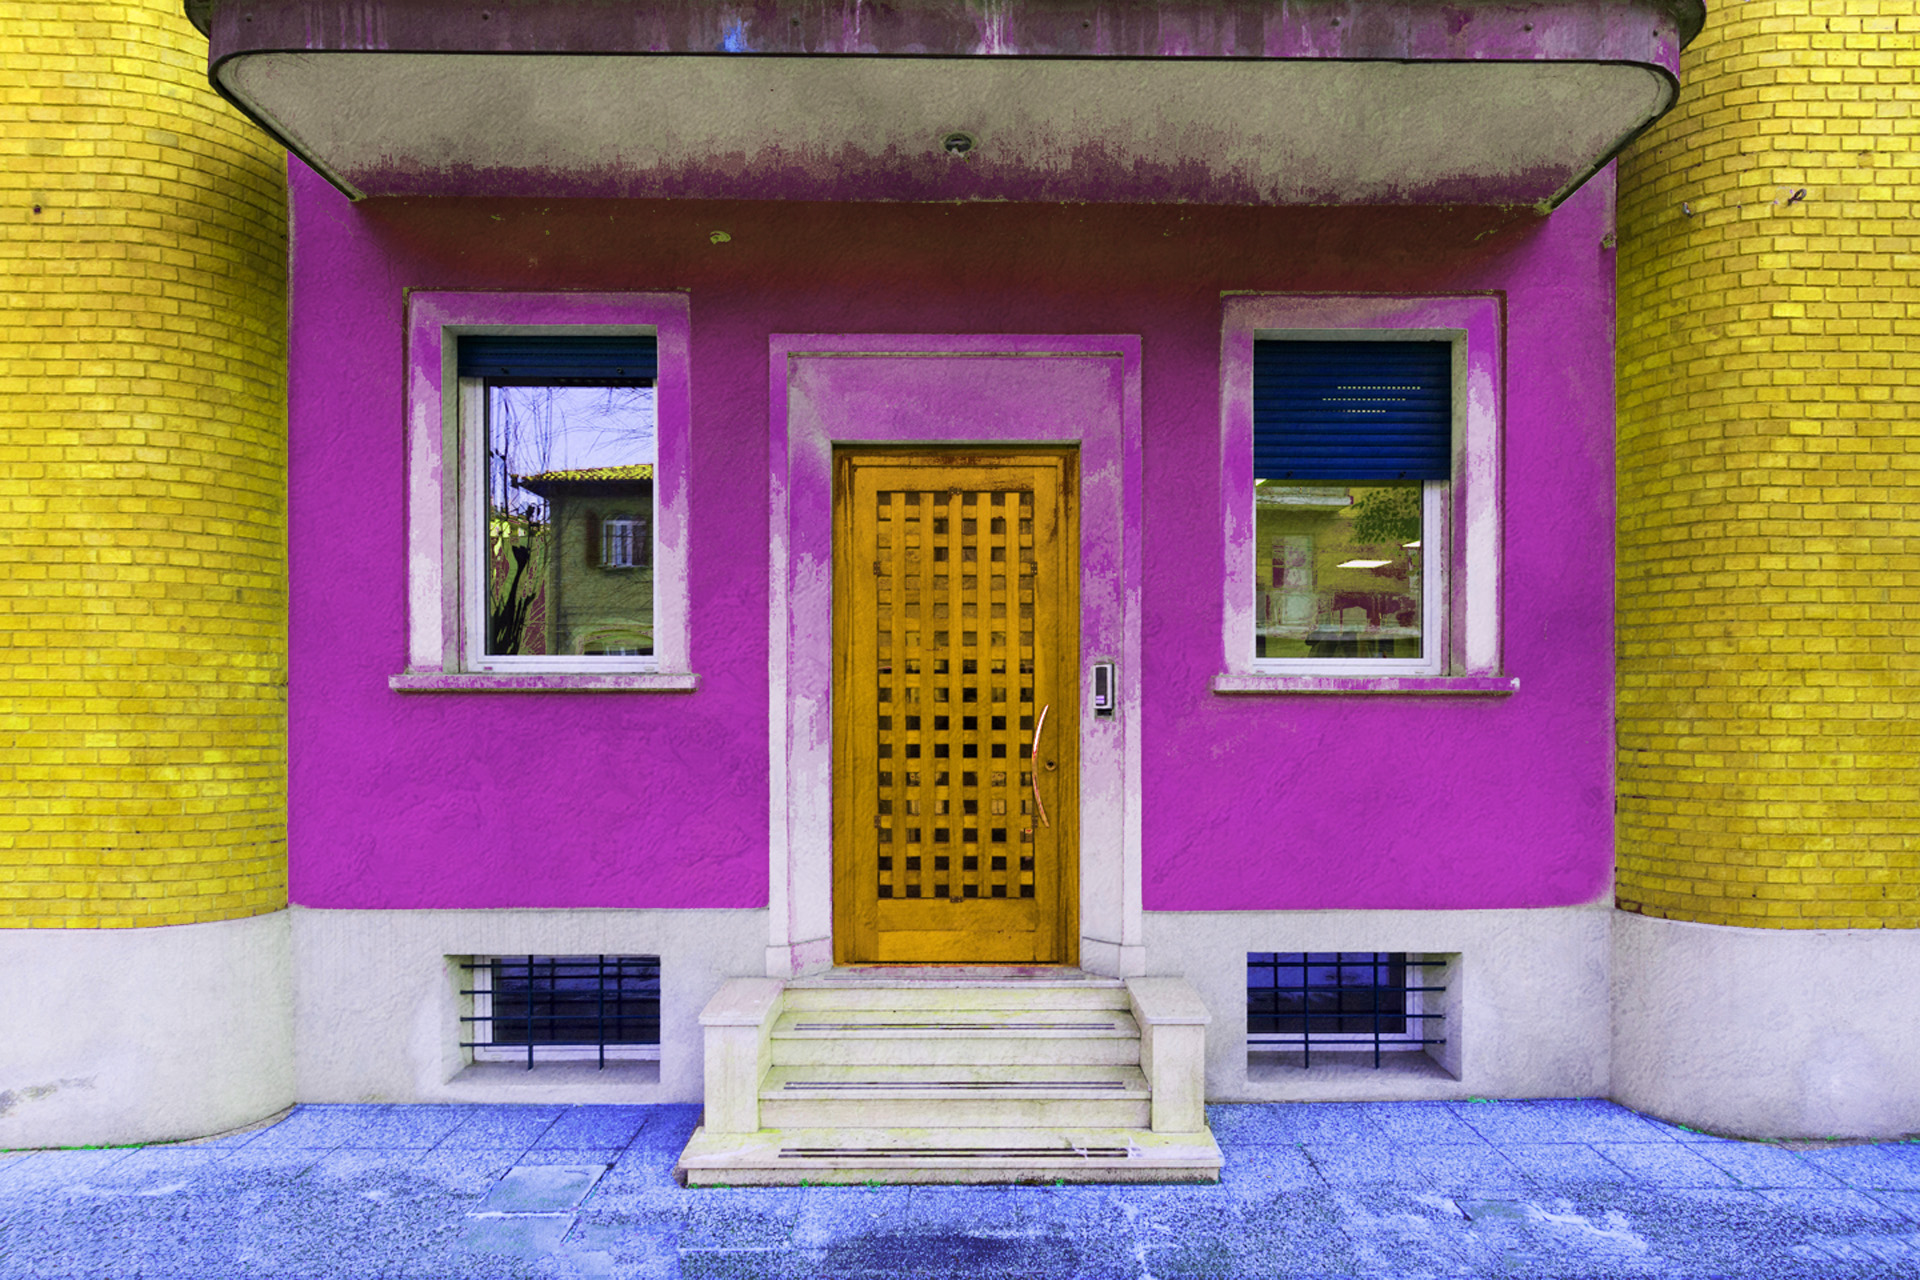 Fotografia dell'ingresso dello studio